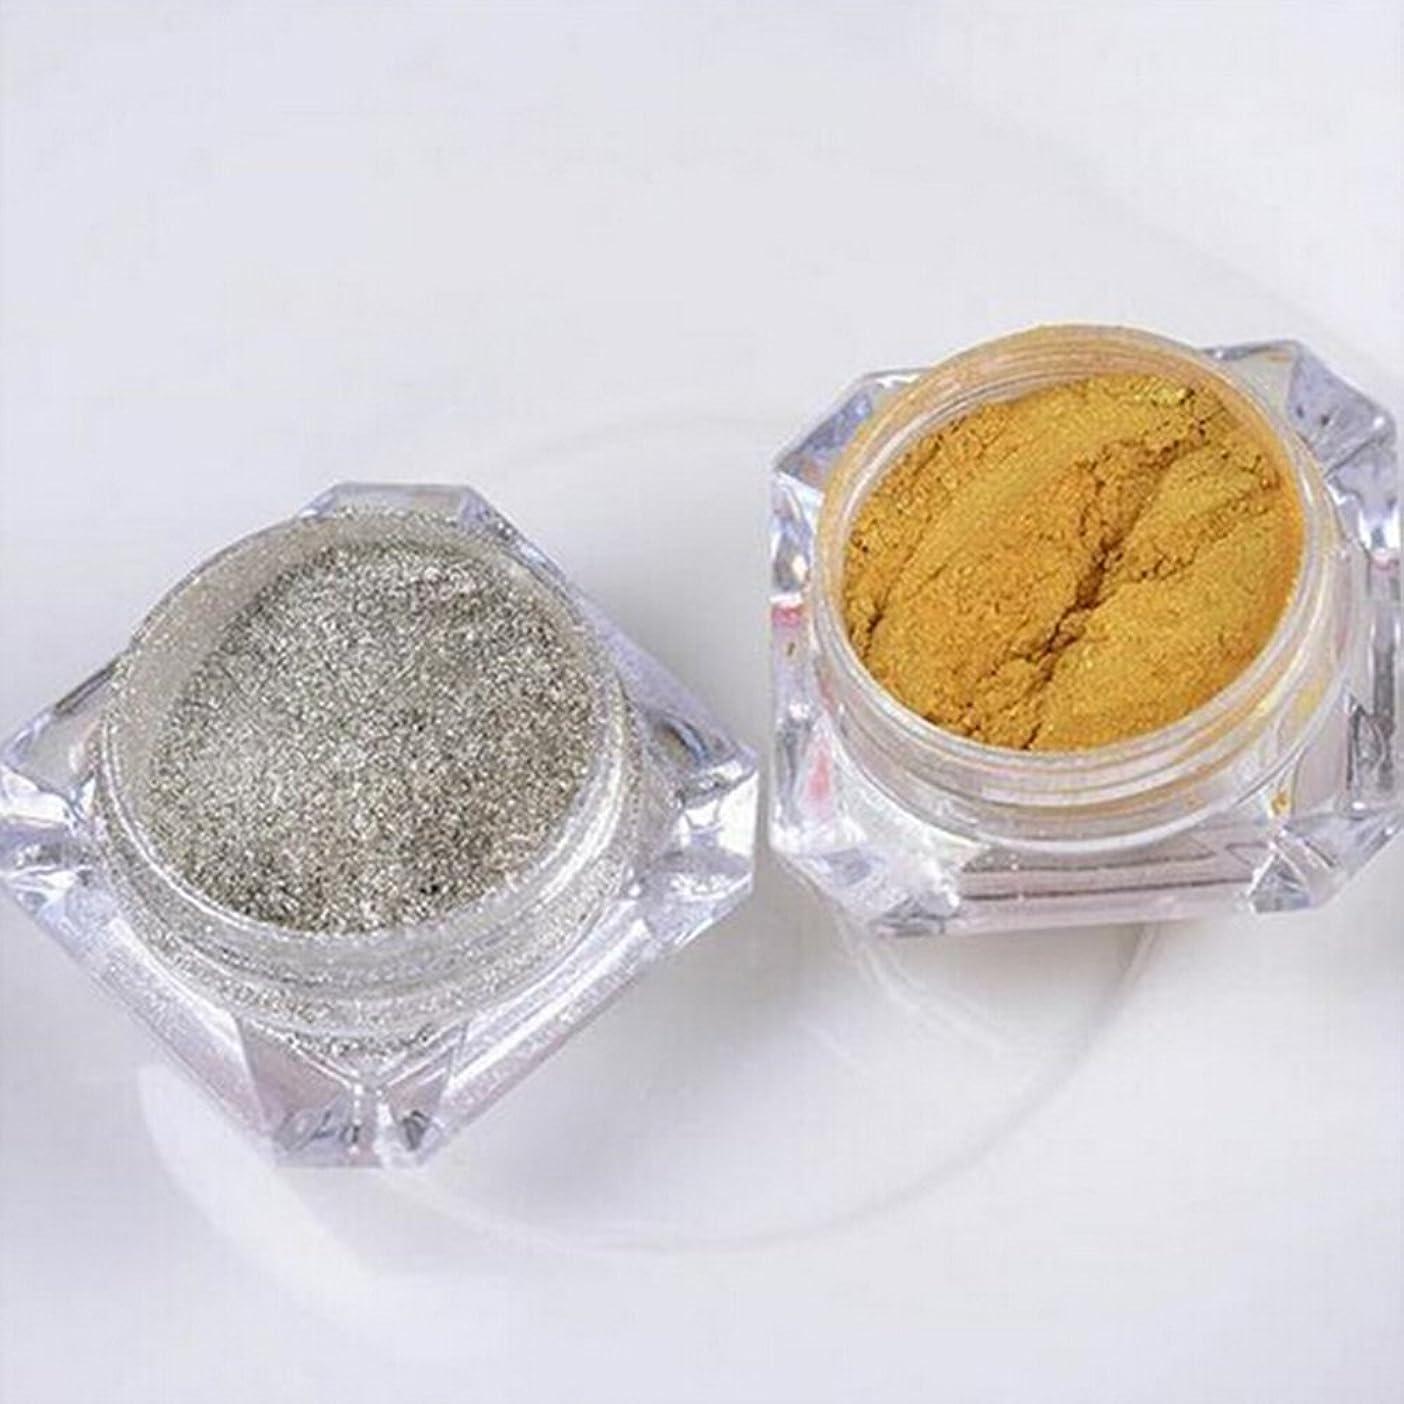 セーブジャグリング許可Doitsa フラッシュ ネイル用 パウダー ネイル 微分子 ラメグリッター スーパーフラッシュ スパンコール ゴールド シルバー 2色セット 各色3g入り